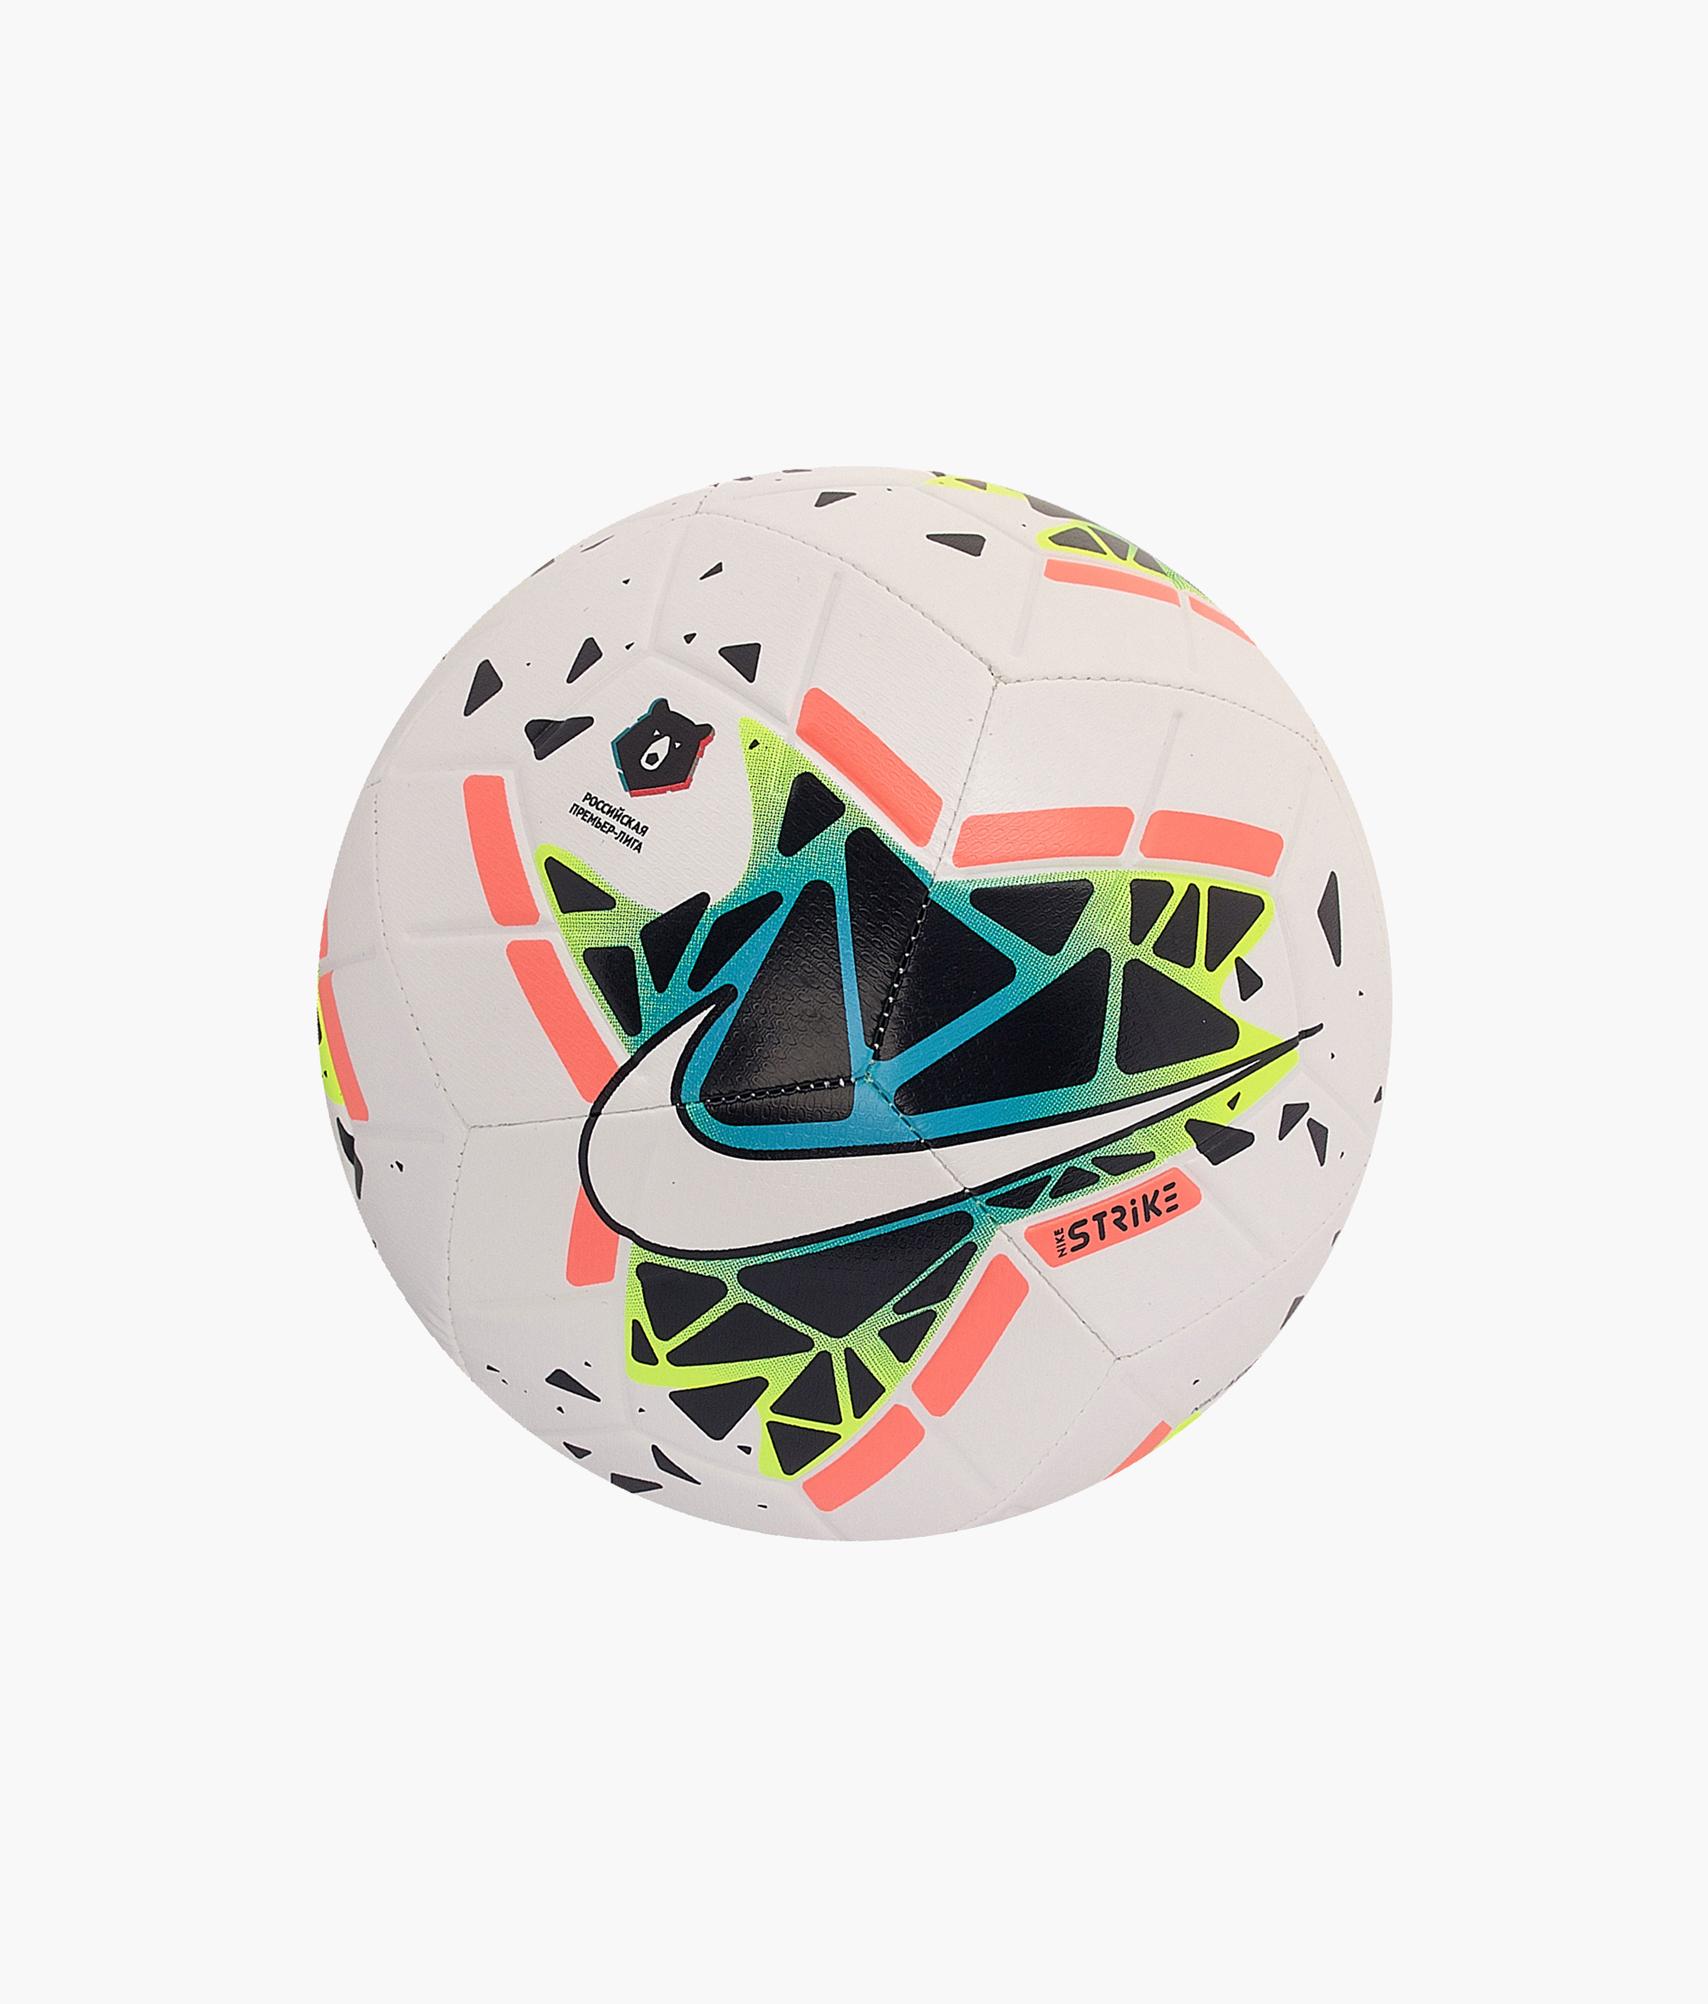 Мяч Nike Strike Nike Цвет-Белый